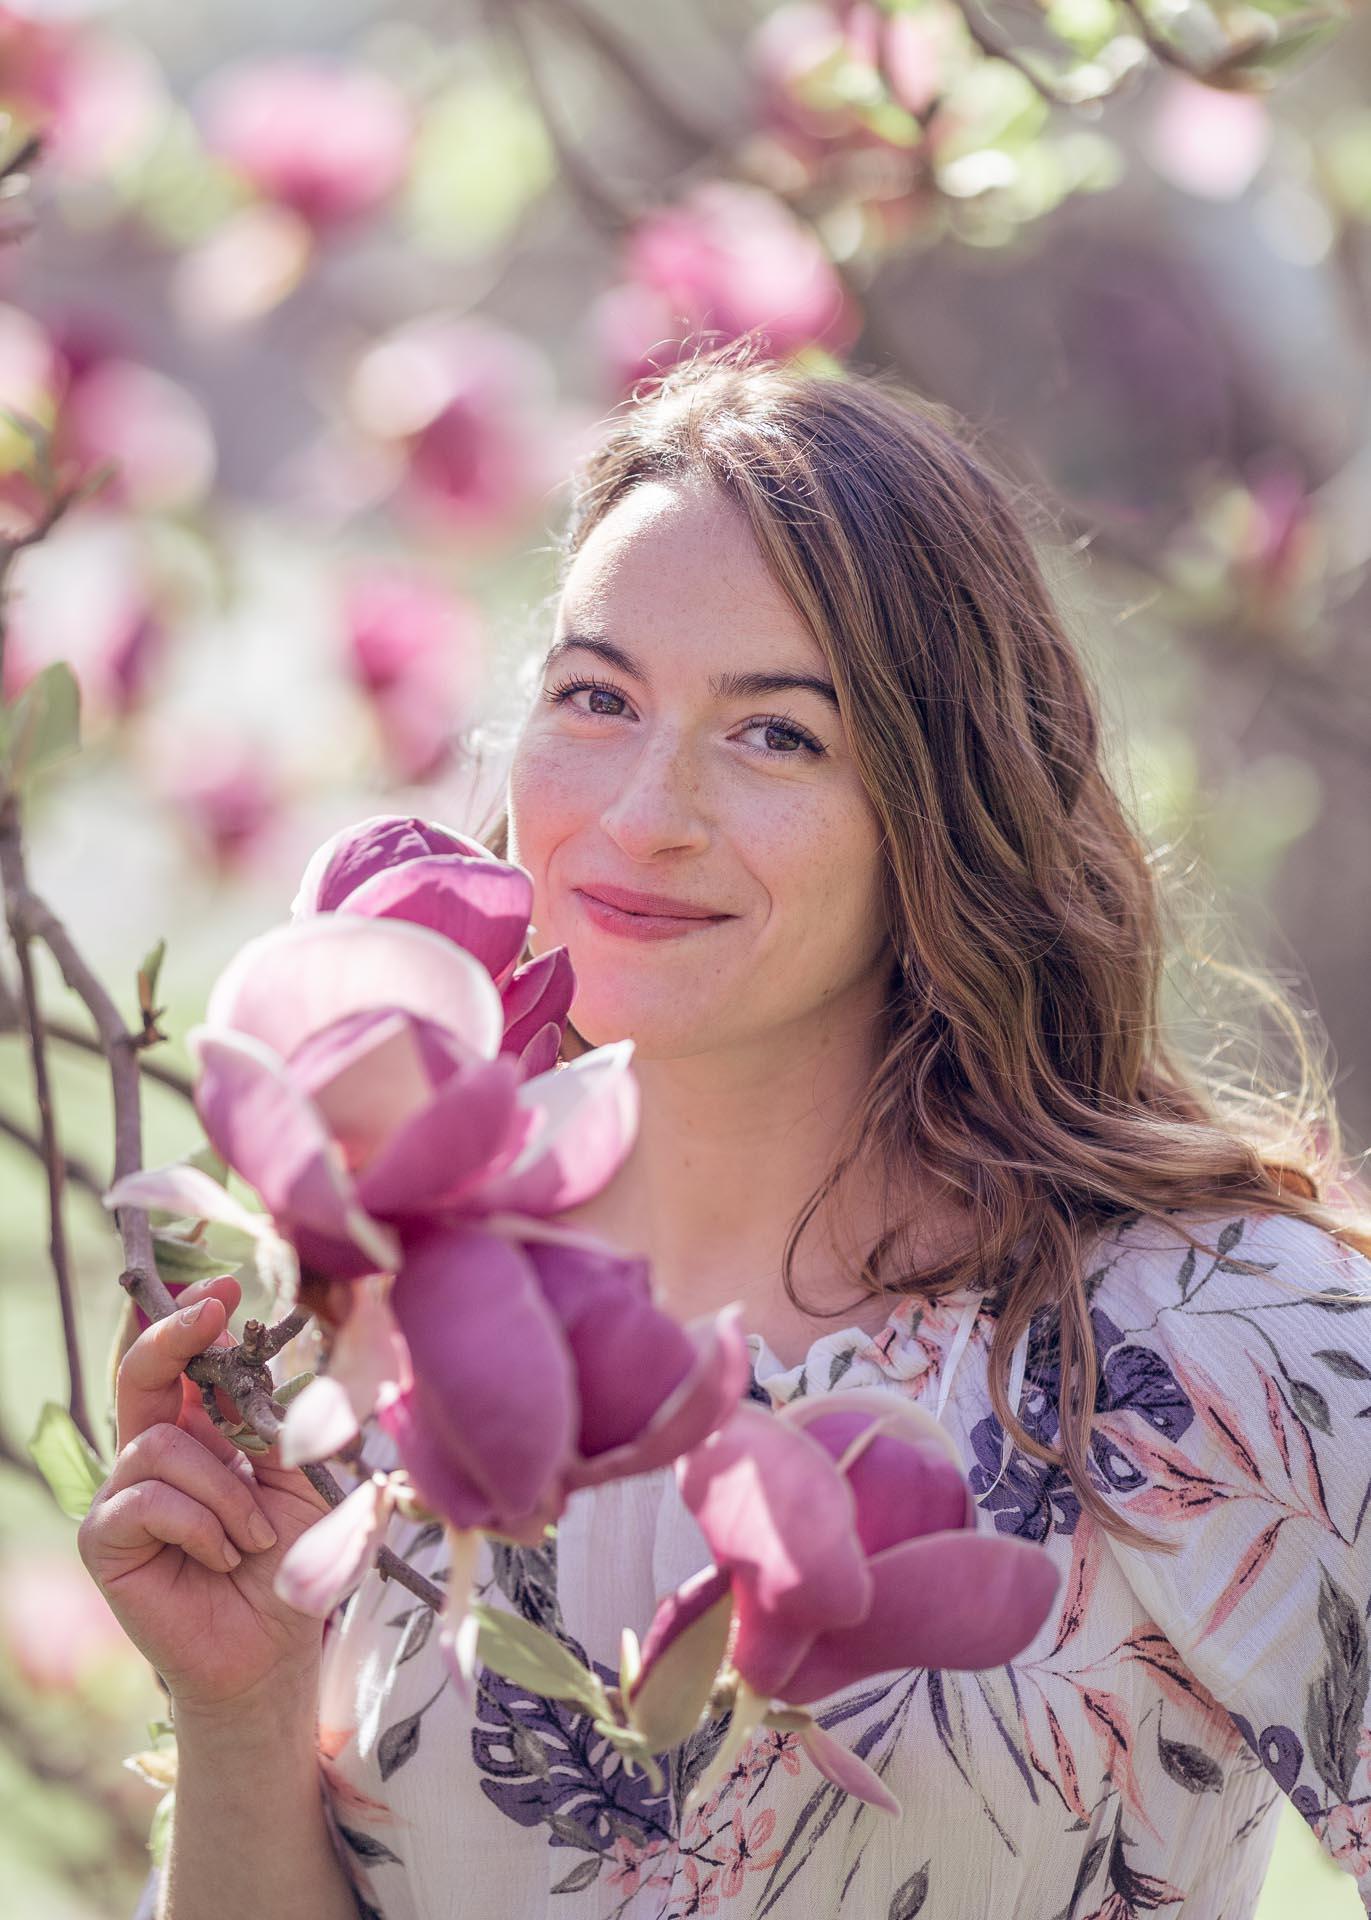 portrait après retouche d'une femme dans un magnolia